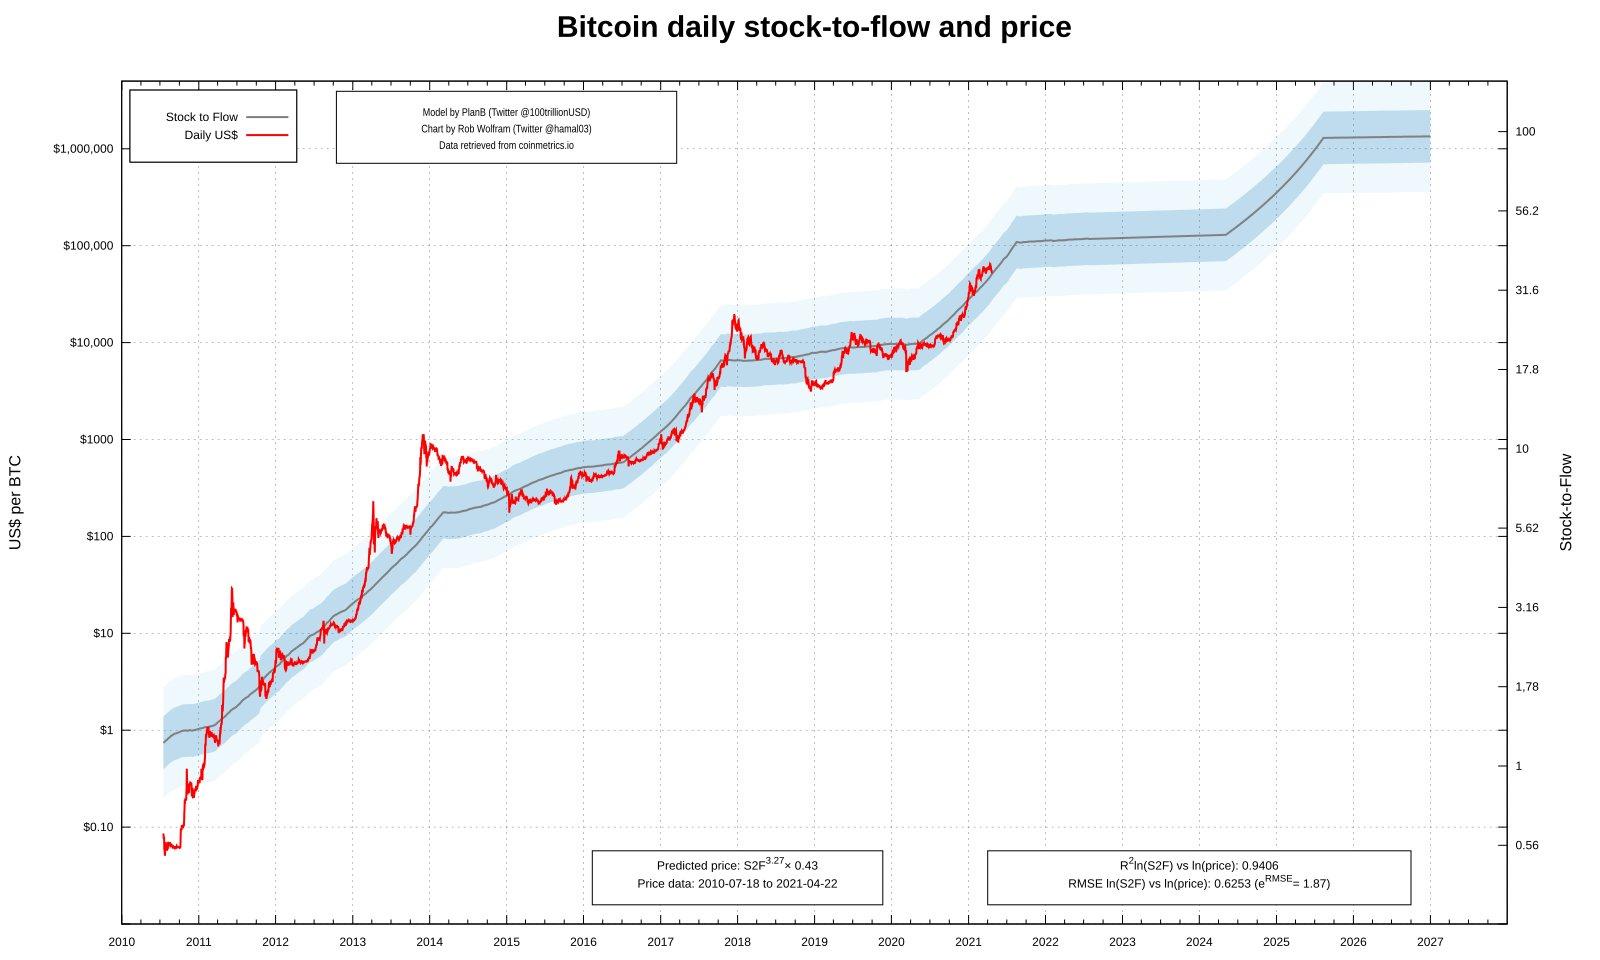 Prezzo spot di BTC/USD vs. traiettoria stock-to-flow